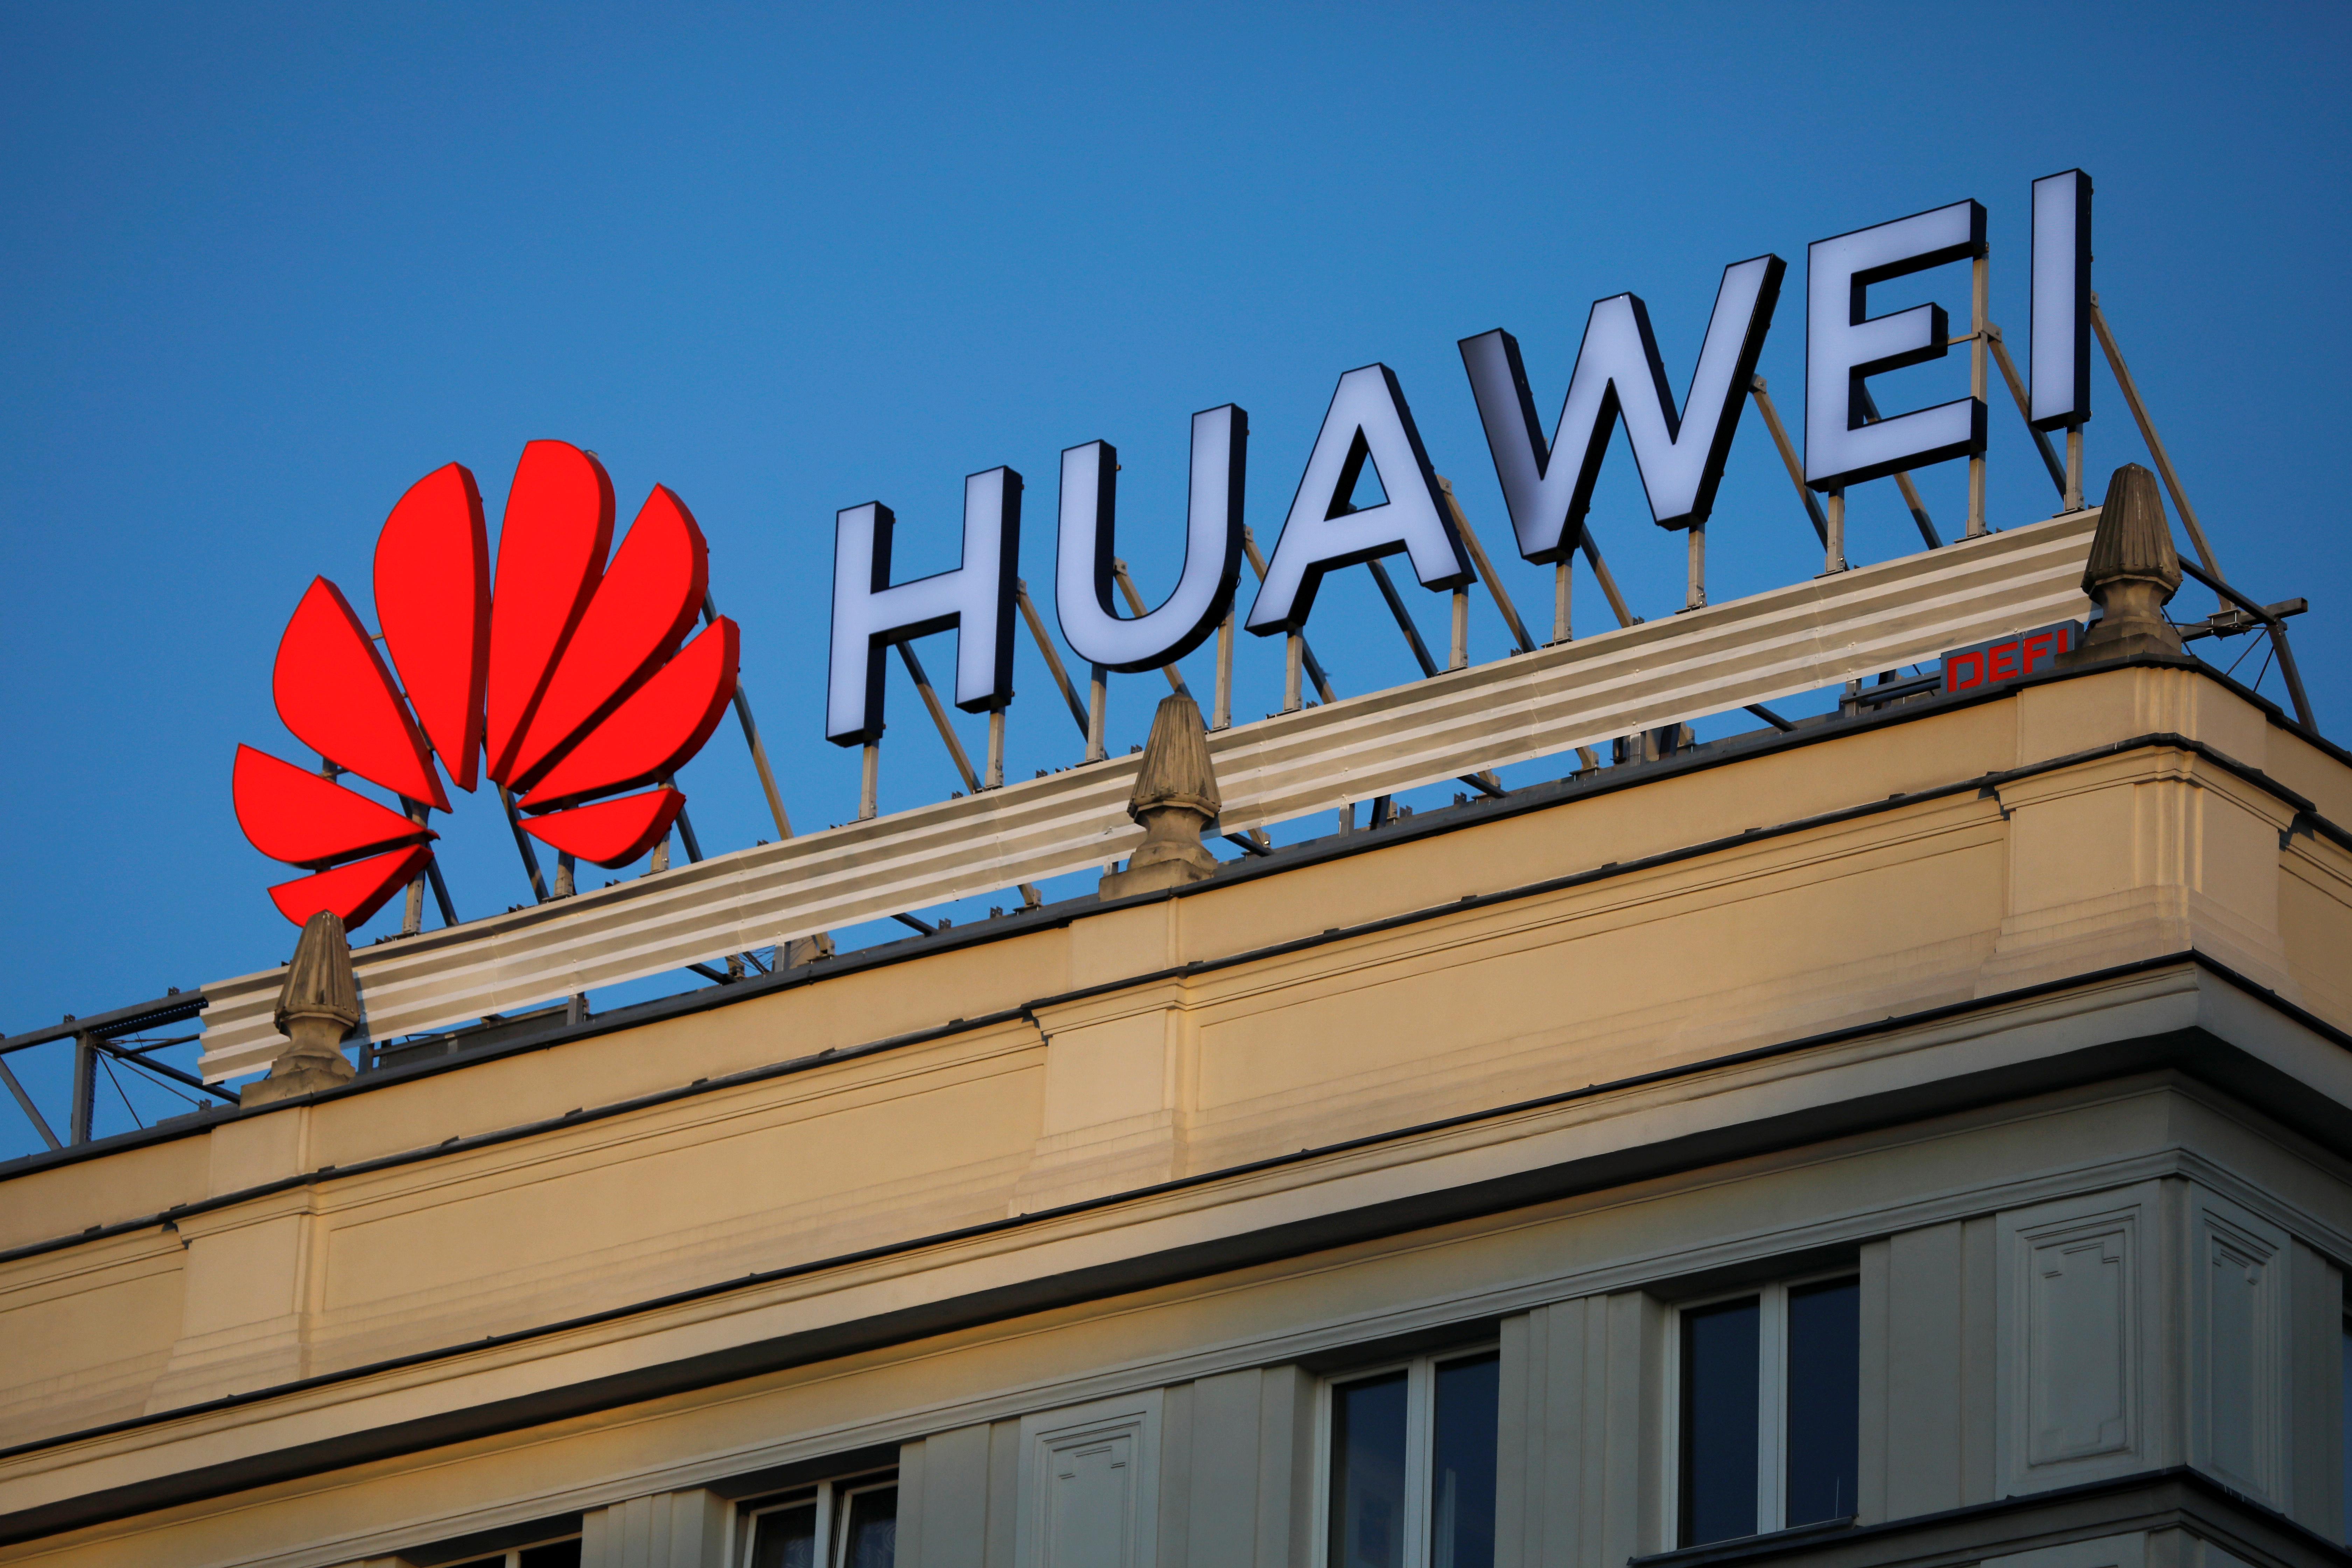 ΗΠΑ: Αποκλείστηκε δικηγόρος από τη νομική υπεράσπιση της Huawei